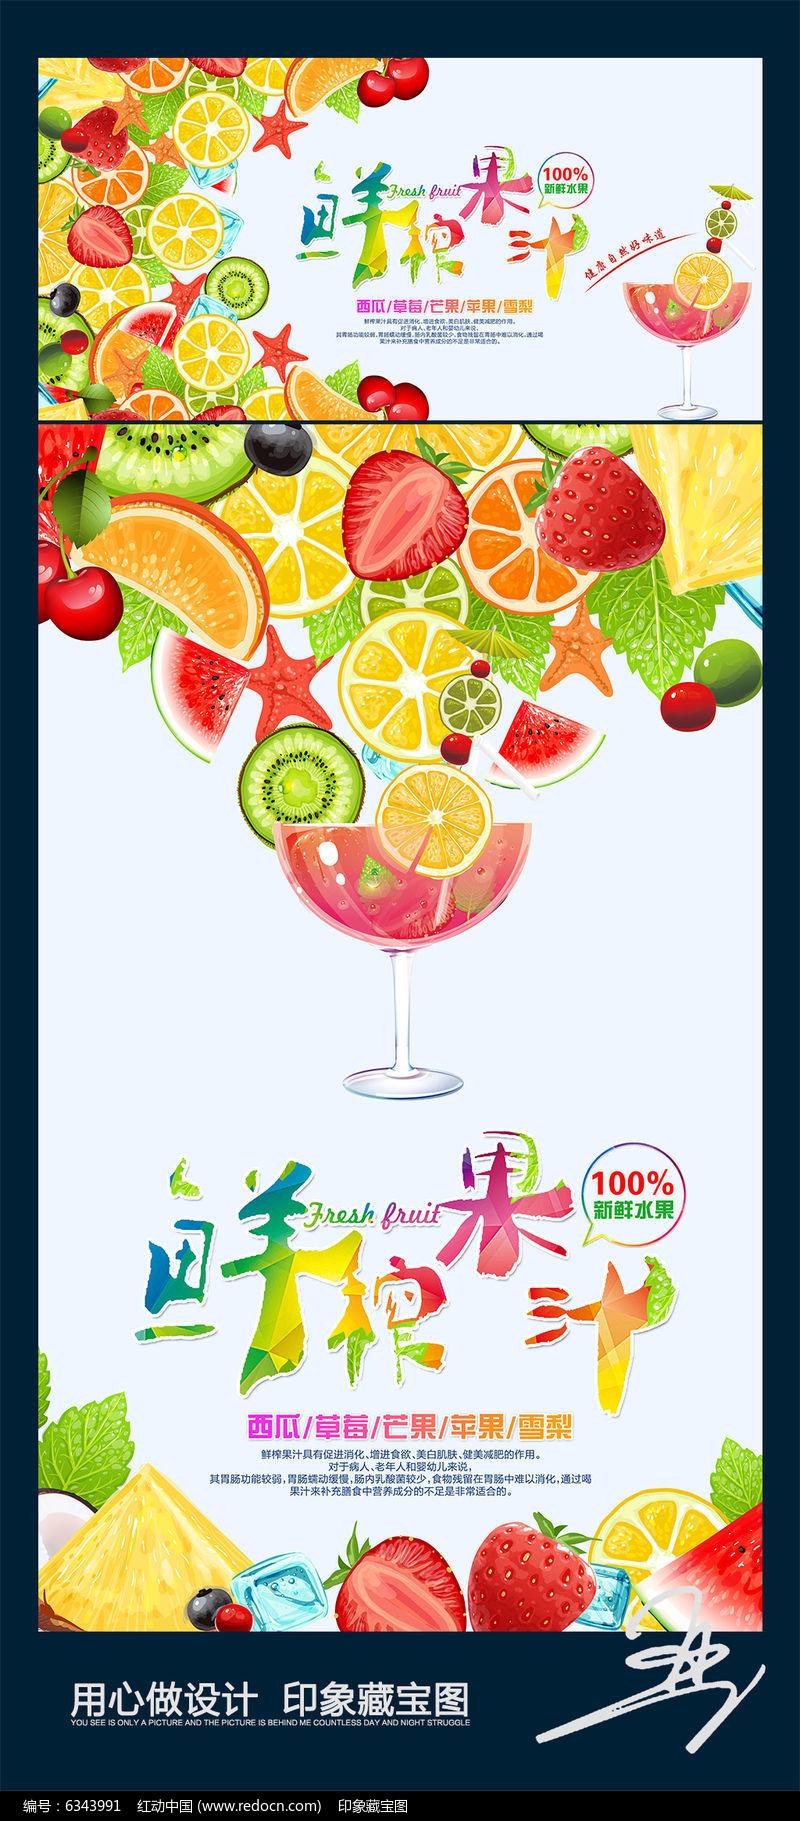 手绘鲜榨果汁促销海报设计psd素材下载